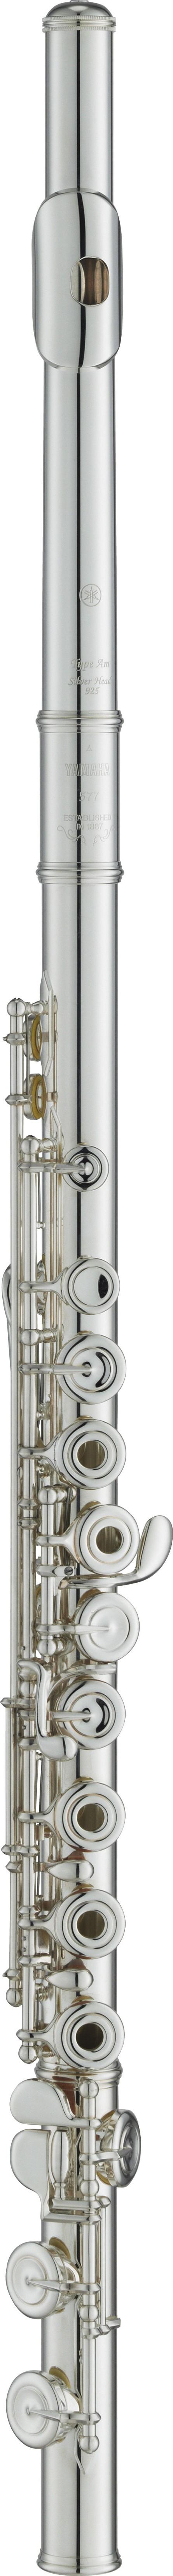 Yamaha - YFL - 577 - RCEO - Holzblasinstrumente - Flöten mit E-Mechanik | MUSIK BERTRAM Deutschland Freiburg